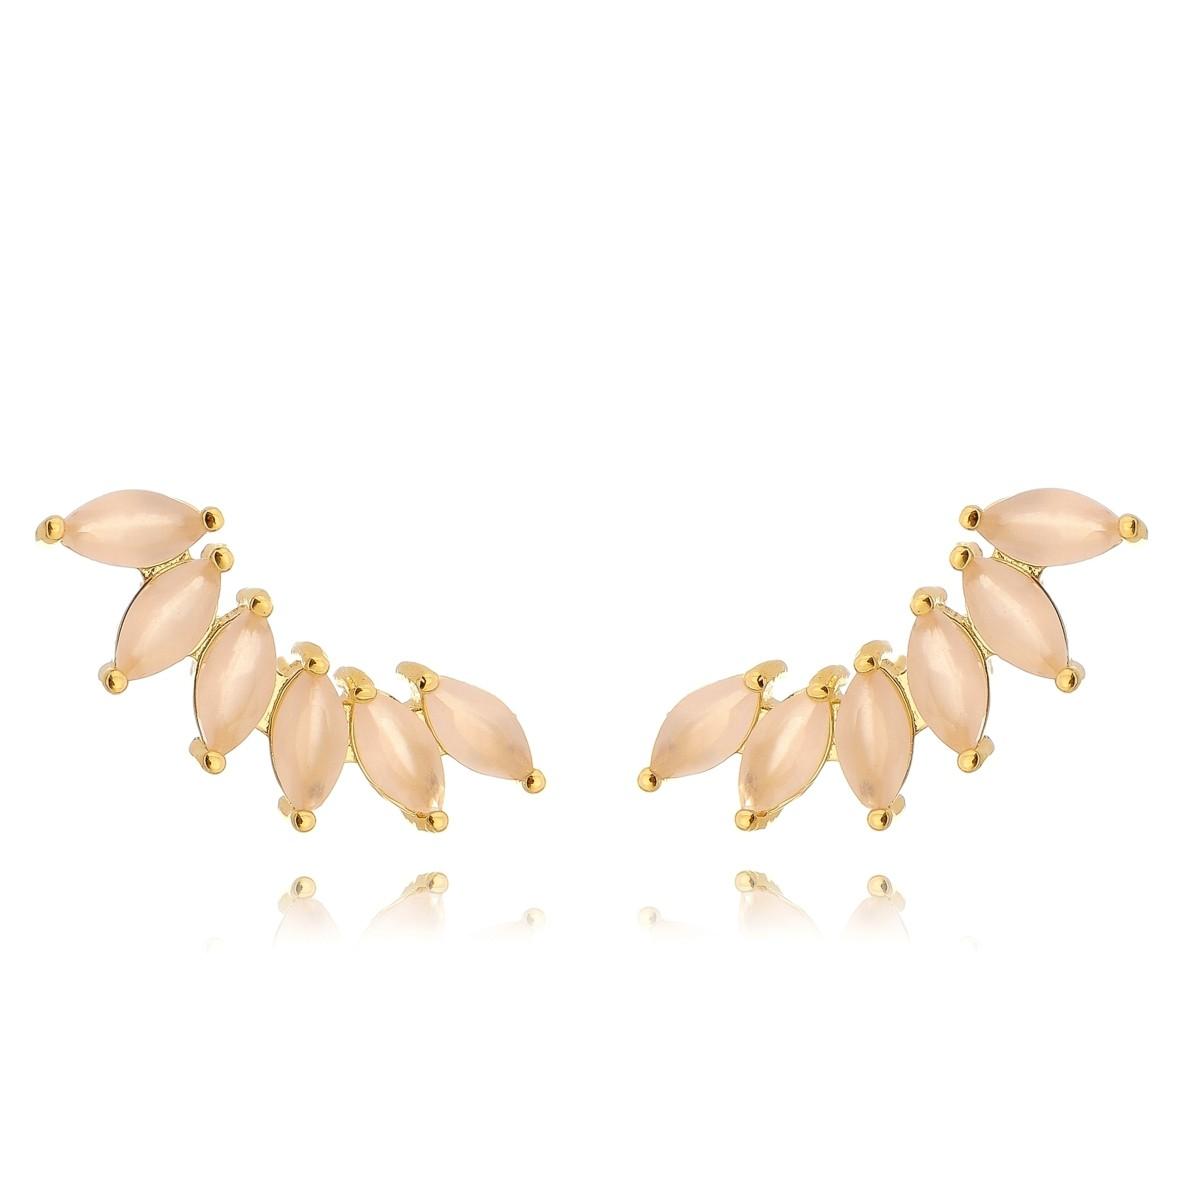 Ear Cuff Dourado de Zircônia Quartzo Rosa Leitoso Semijoia em Ouro 18K  - Soloyou